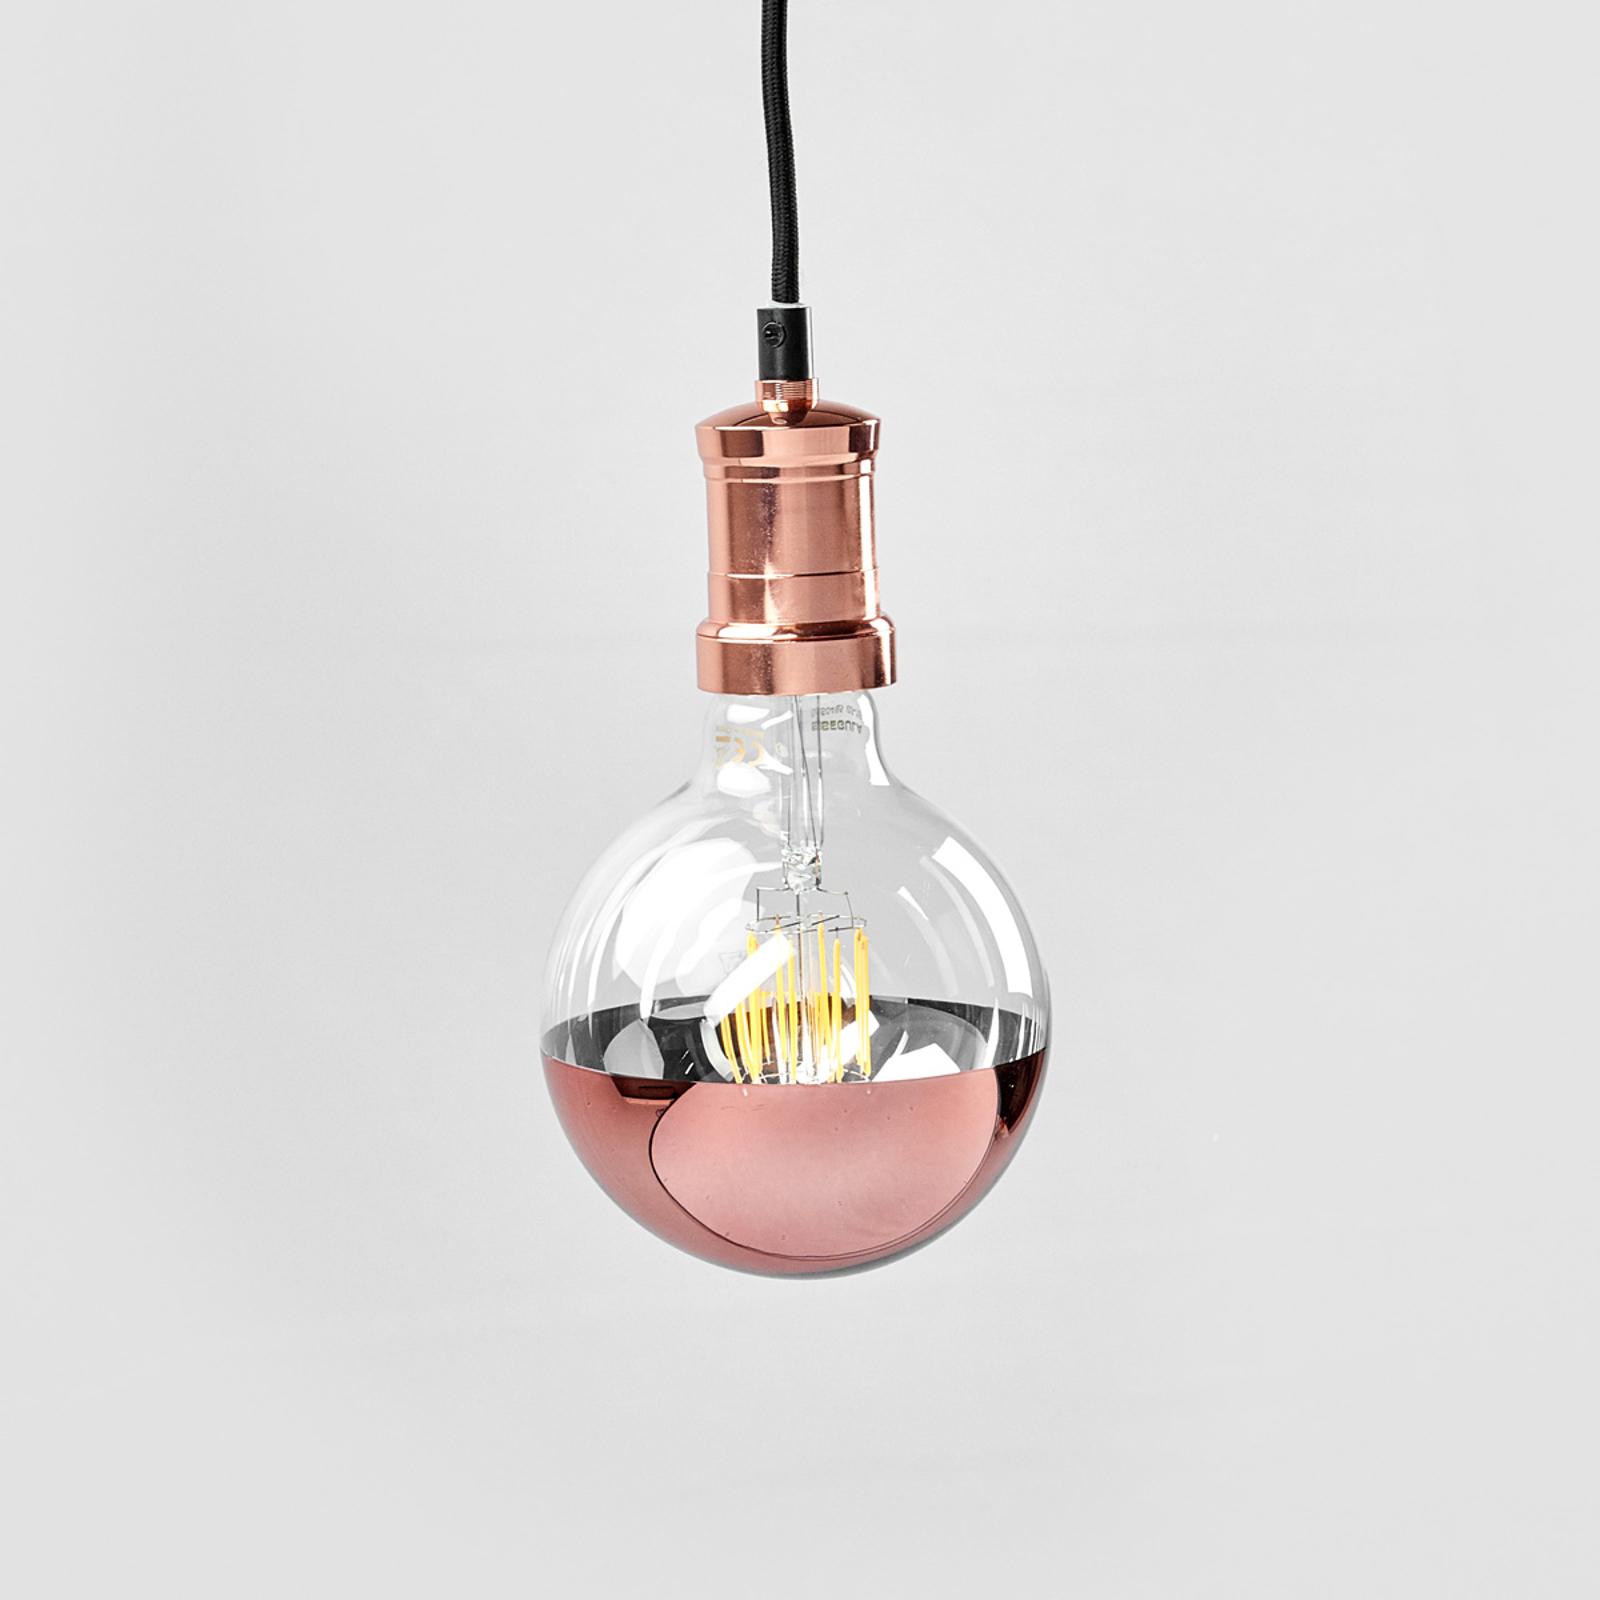 Lampa wisząca LED Chicago w kolorze miedzi